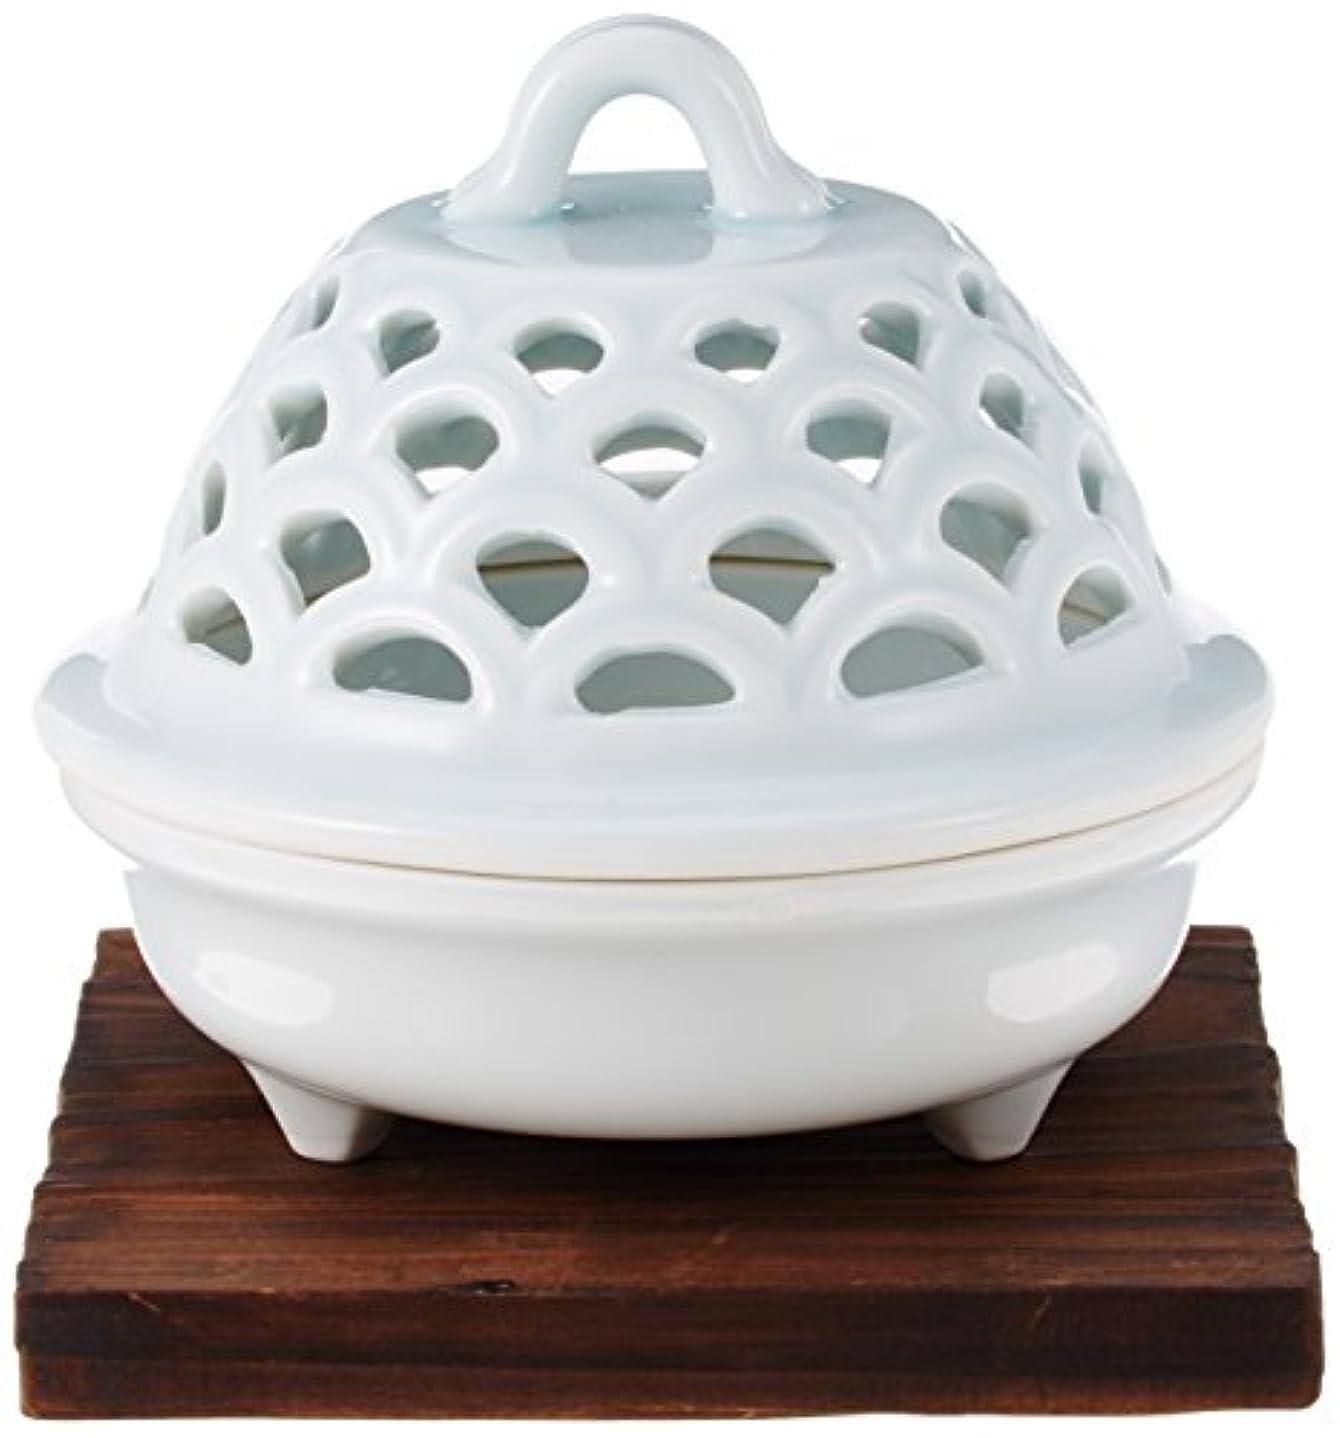 研究ワゴン貪欲香炉 青磁 透し彫り 香炉 [R9.5xH9cm] プレゼント ギフト 和食器 かわいい インテリア